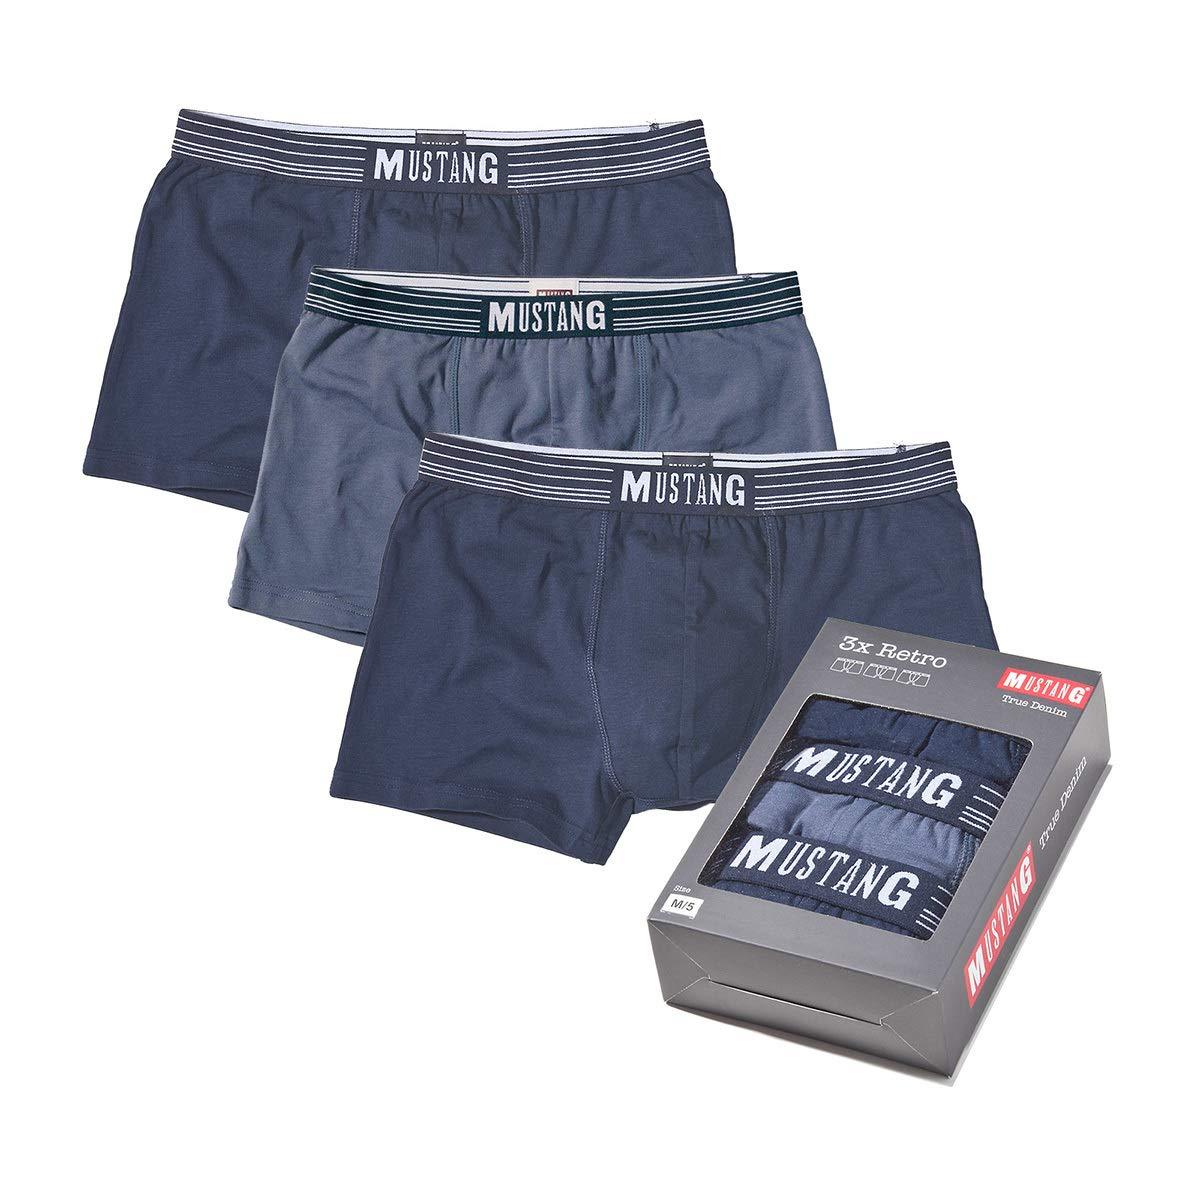 TALLA L (Gr. Large). Mustang Retro Shorts 3 Hombres, Pantalones Cortos, Pantalones, True Denim, S-XL